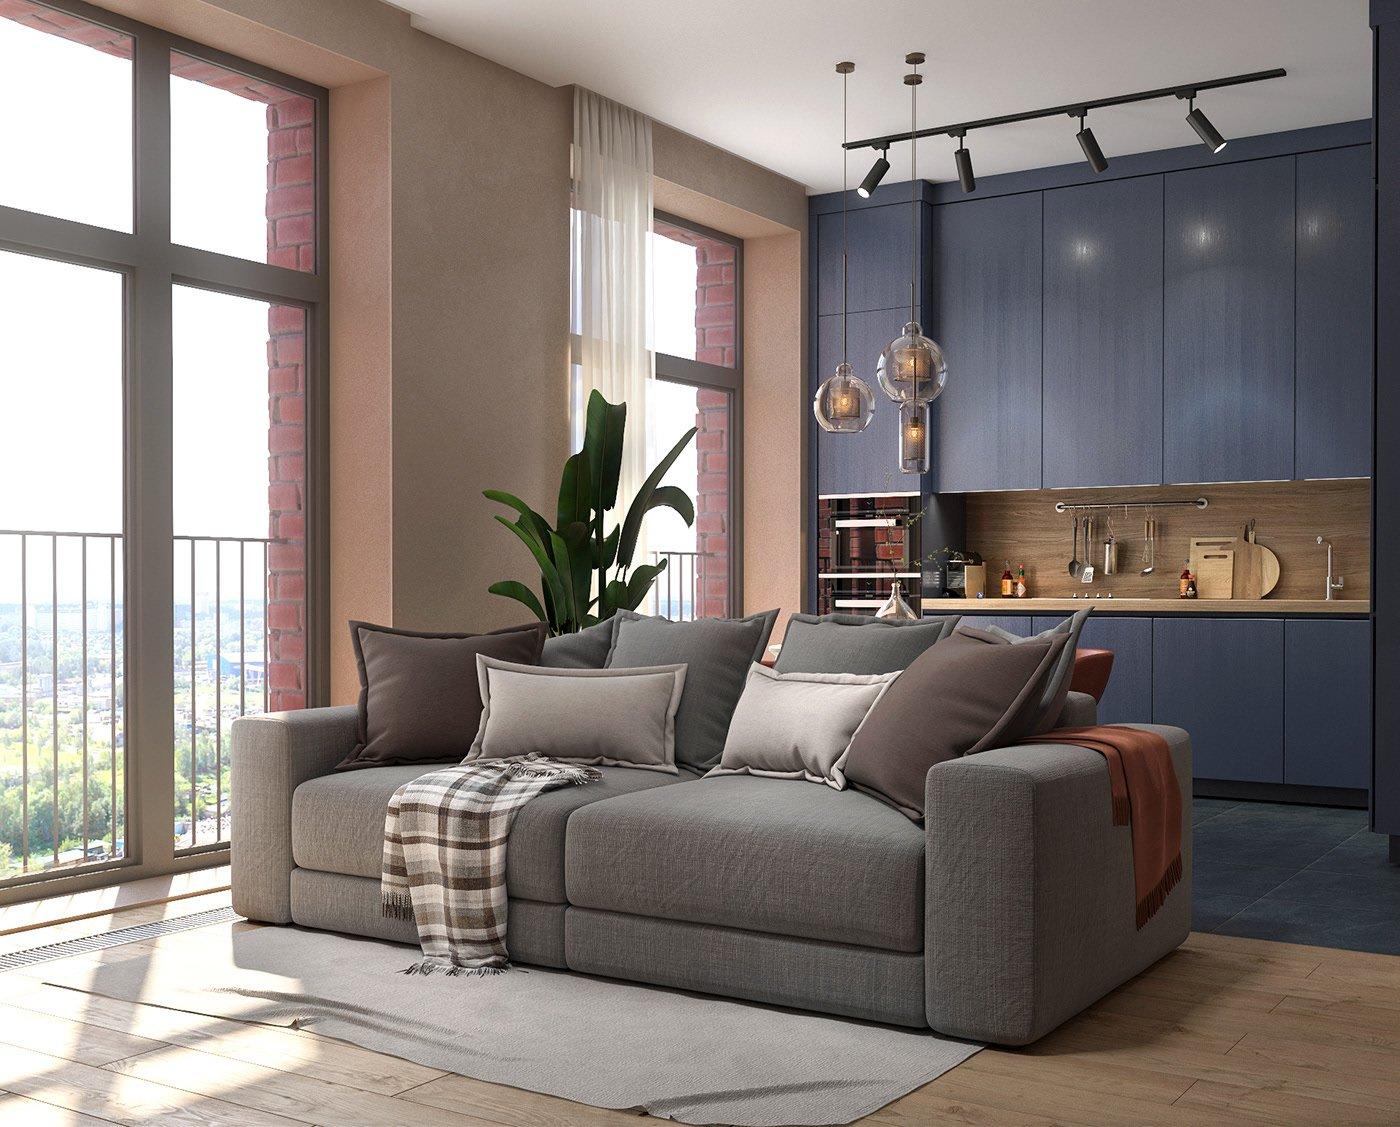 Kiến trúc sư tư vấn thiết kế căn hộ 64m² với chi phí 145 triệu đồng - Ảnh 5.